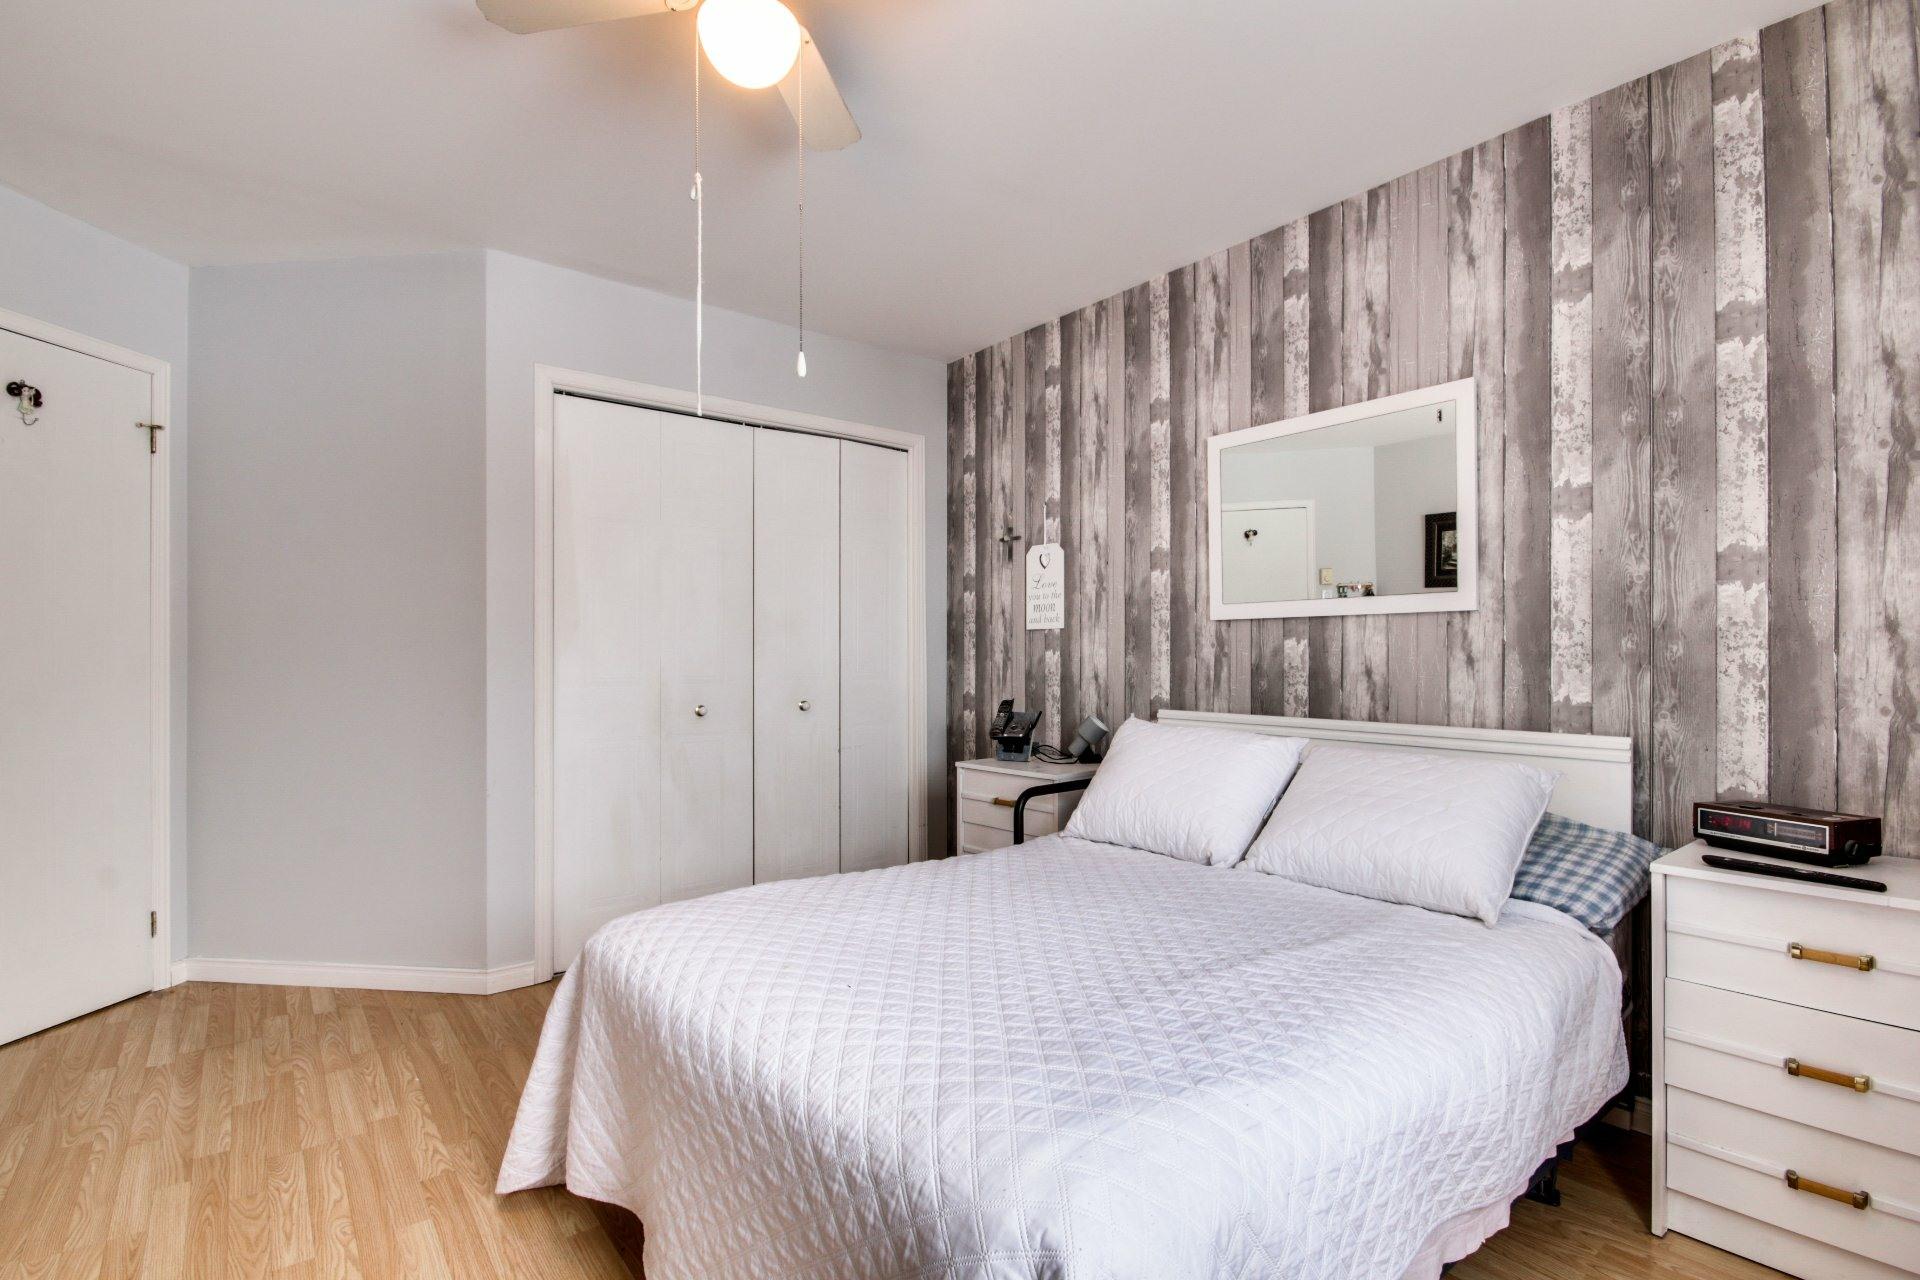 image 15 - House For sale Trois-Rivières - 10 rooms